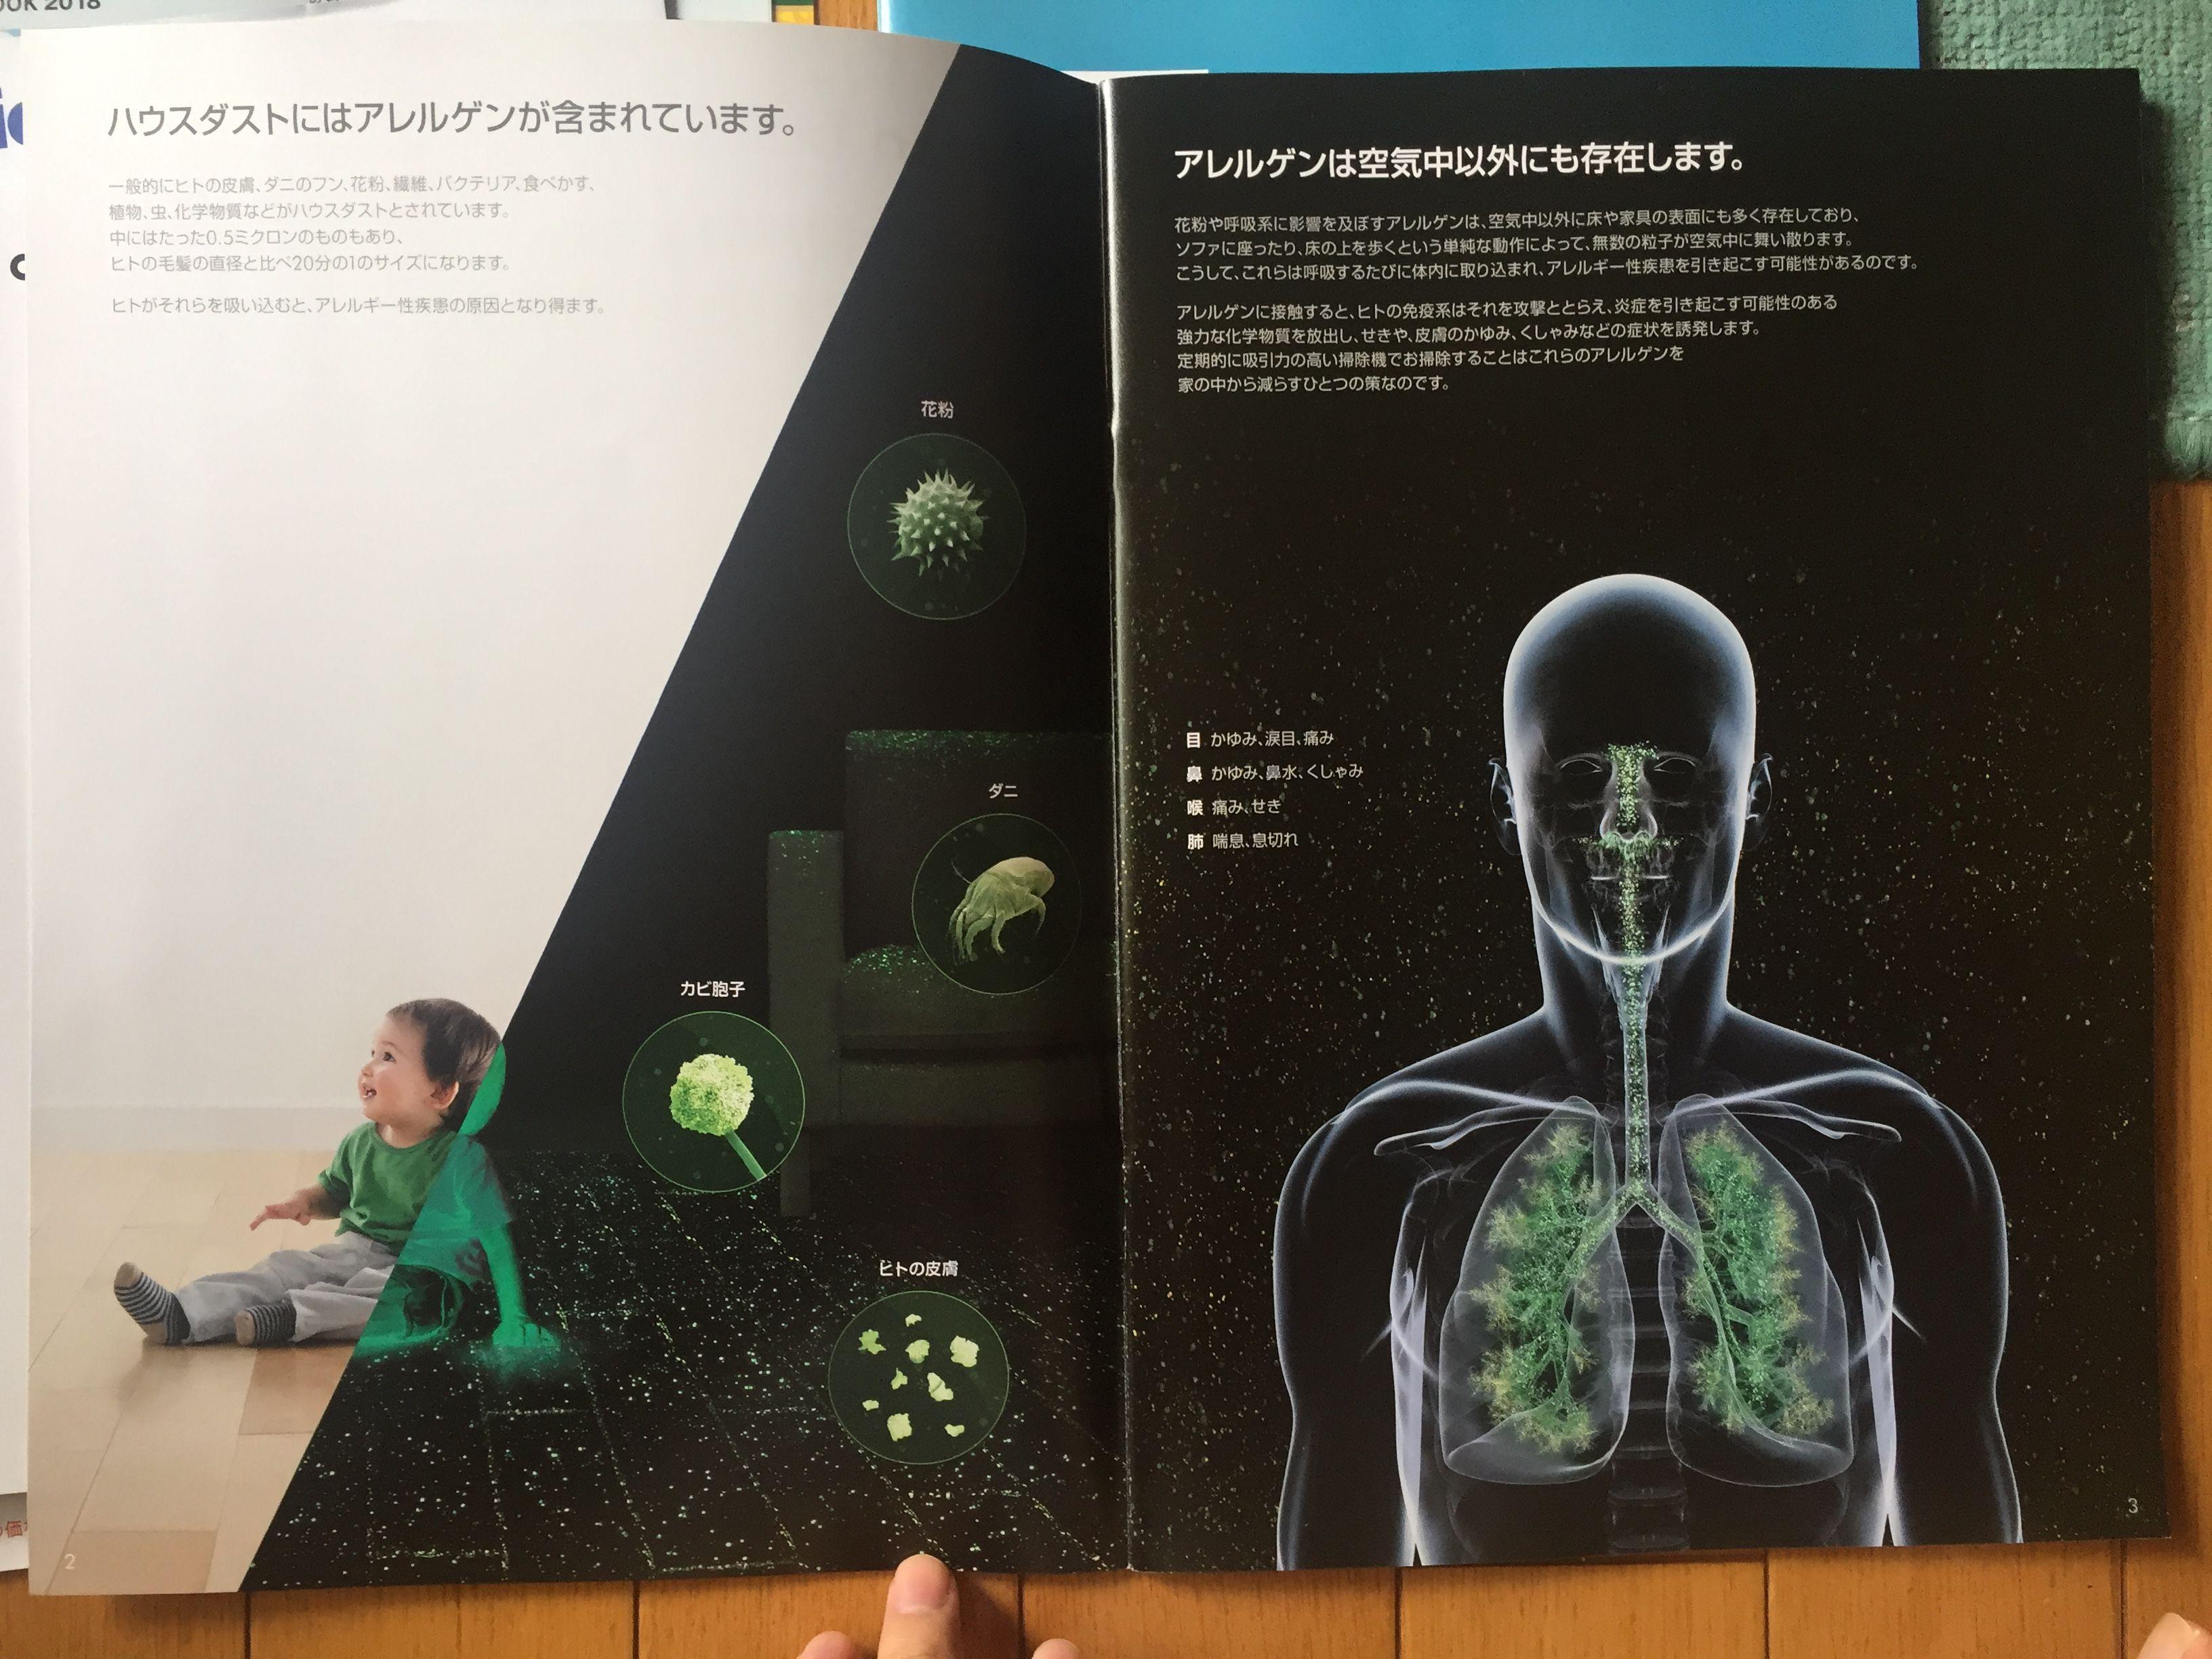 ボード Dtp 雑誌 カタログ パンフレット のピン